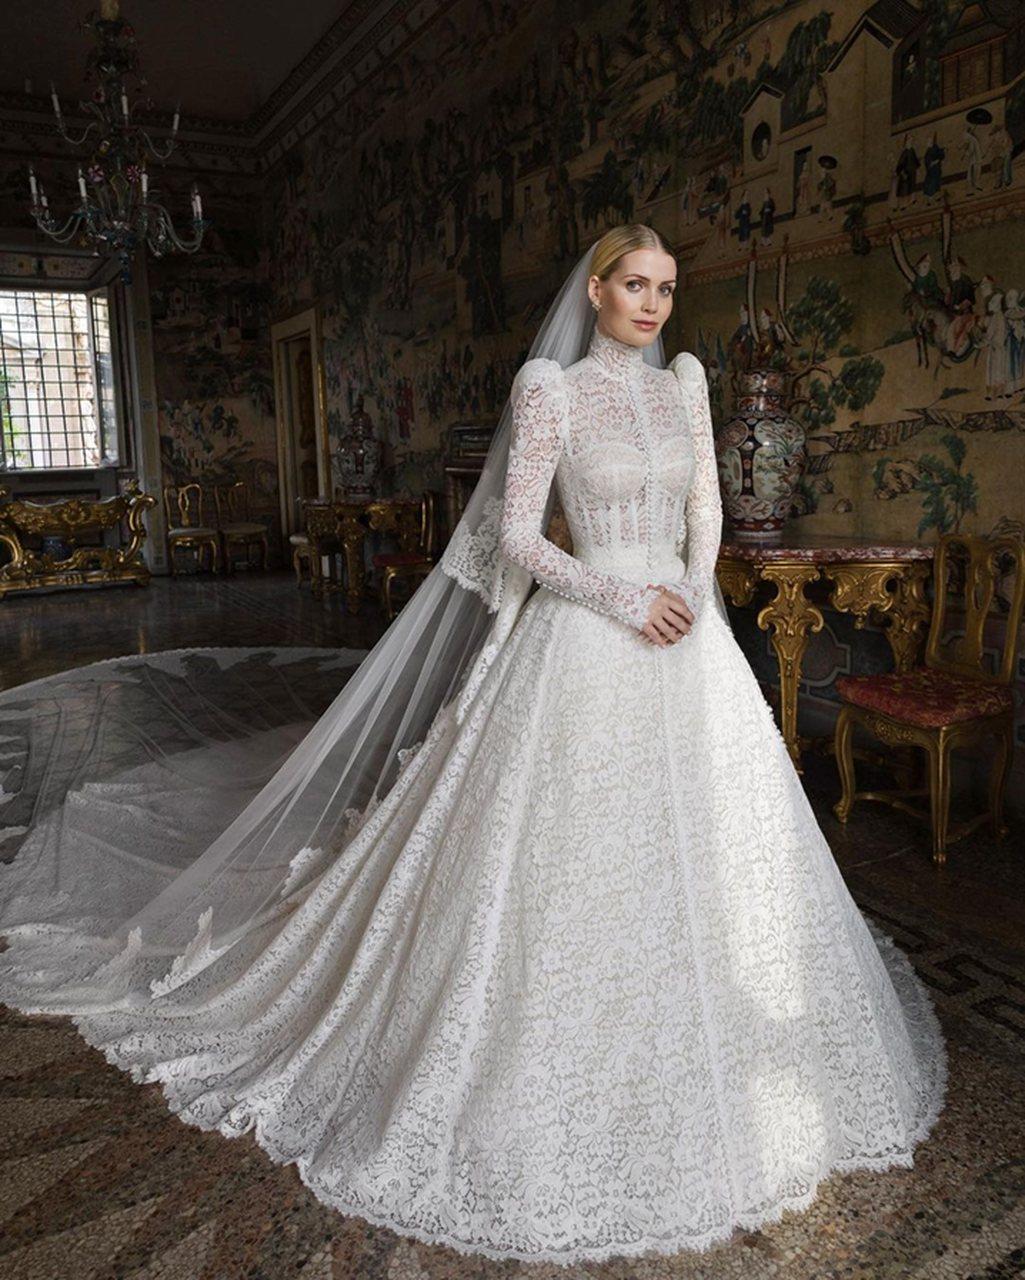 Confira os detalhes do vestido de noiva de Kitty Spencer